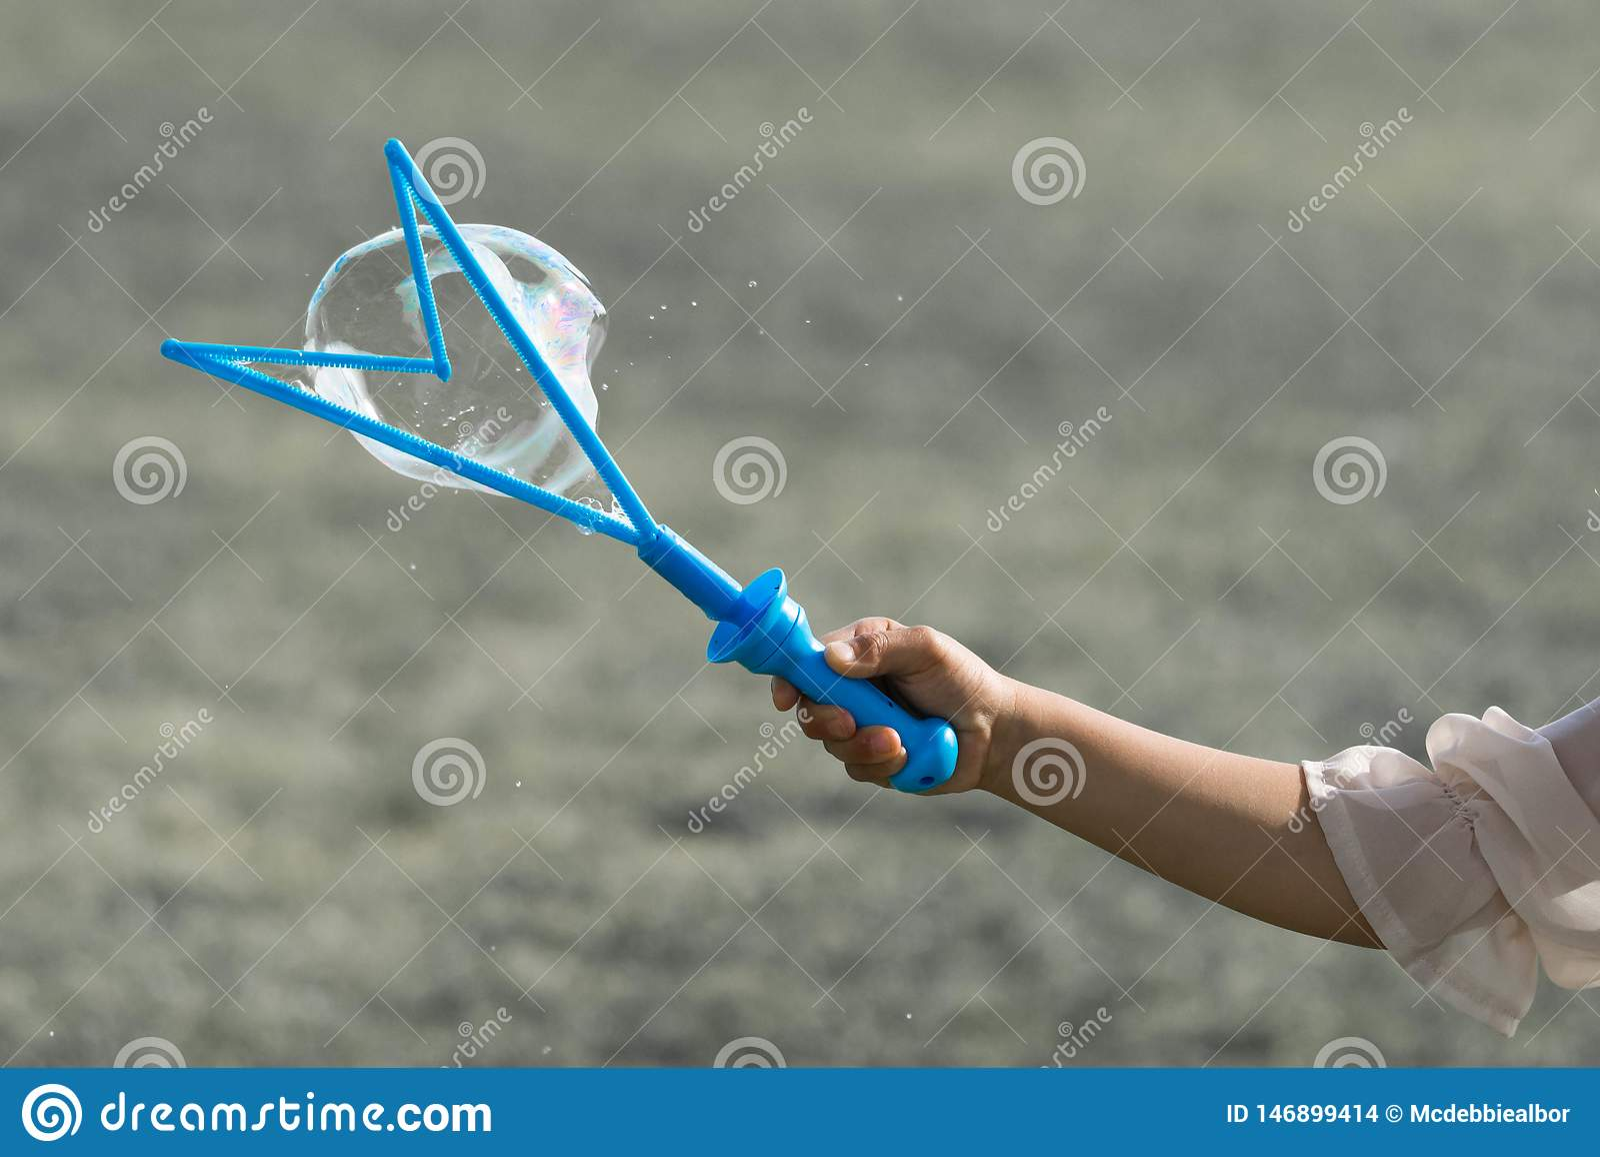 Uma mão de uma moça pequena que guarda um fabricante de bolha azul e que faz bolhas